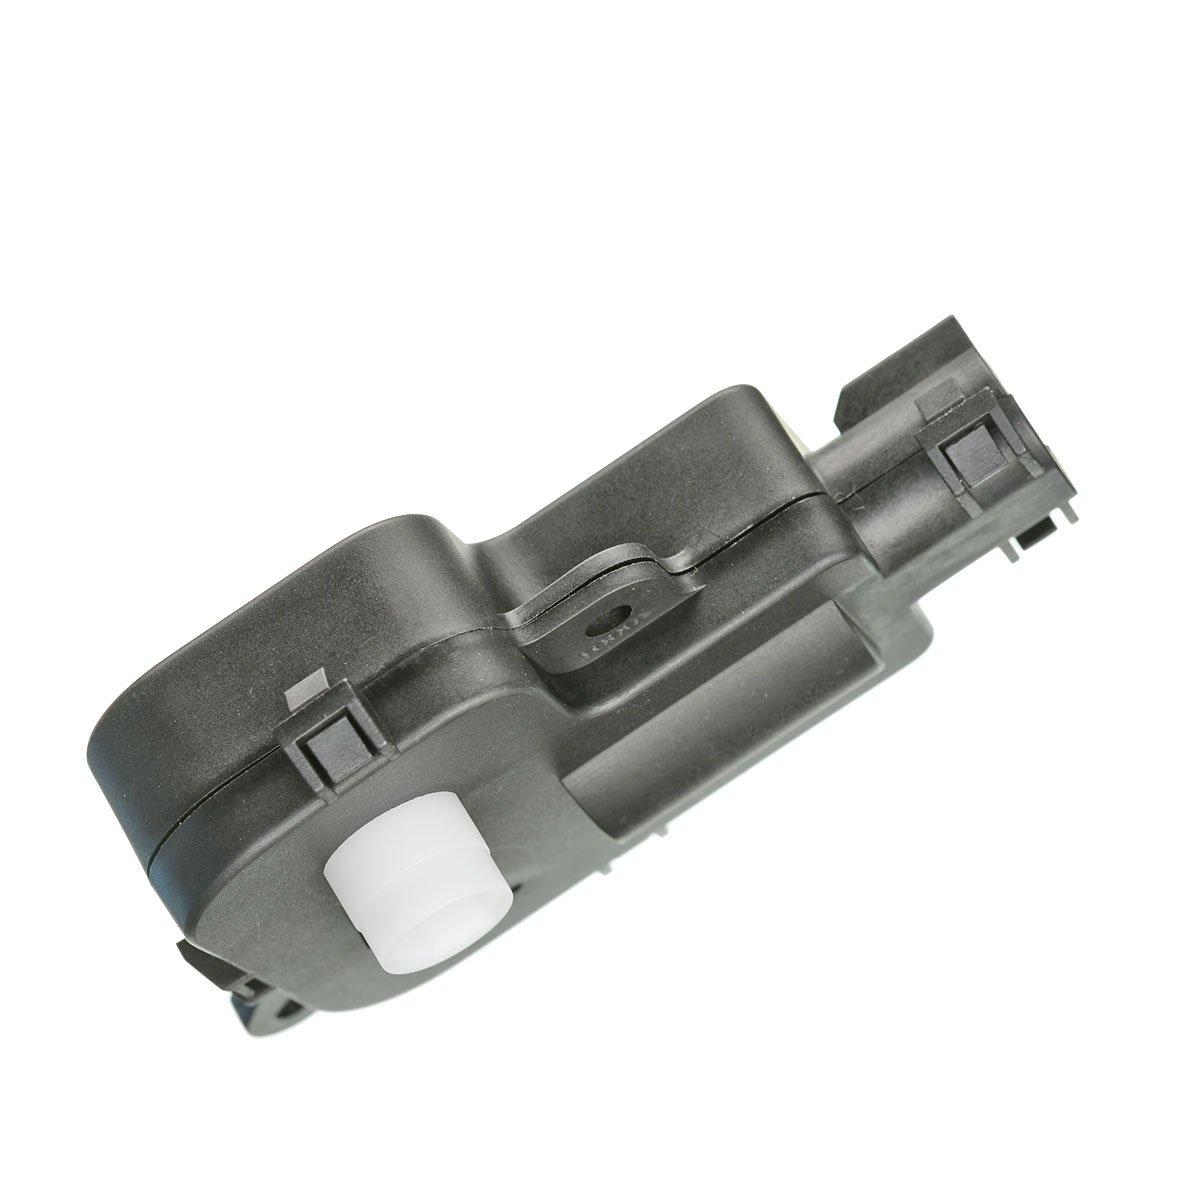 Set of 2 HVAC Air Door Actuator Heater Blend Door Levers for International Harvester 4200 4300 4400 7400 7500 7600 8500 8600 SBA ProStar